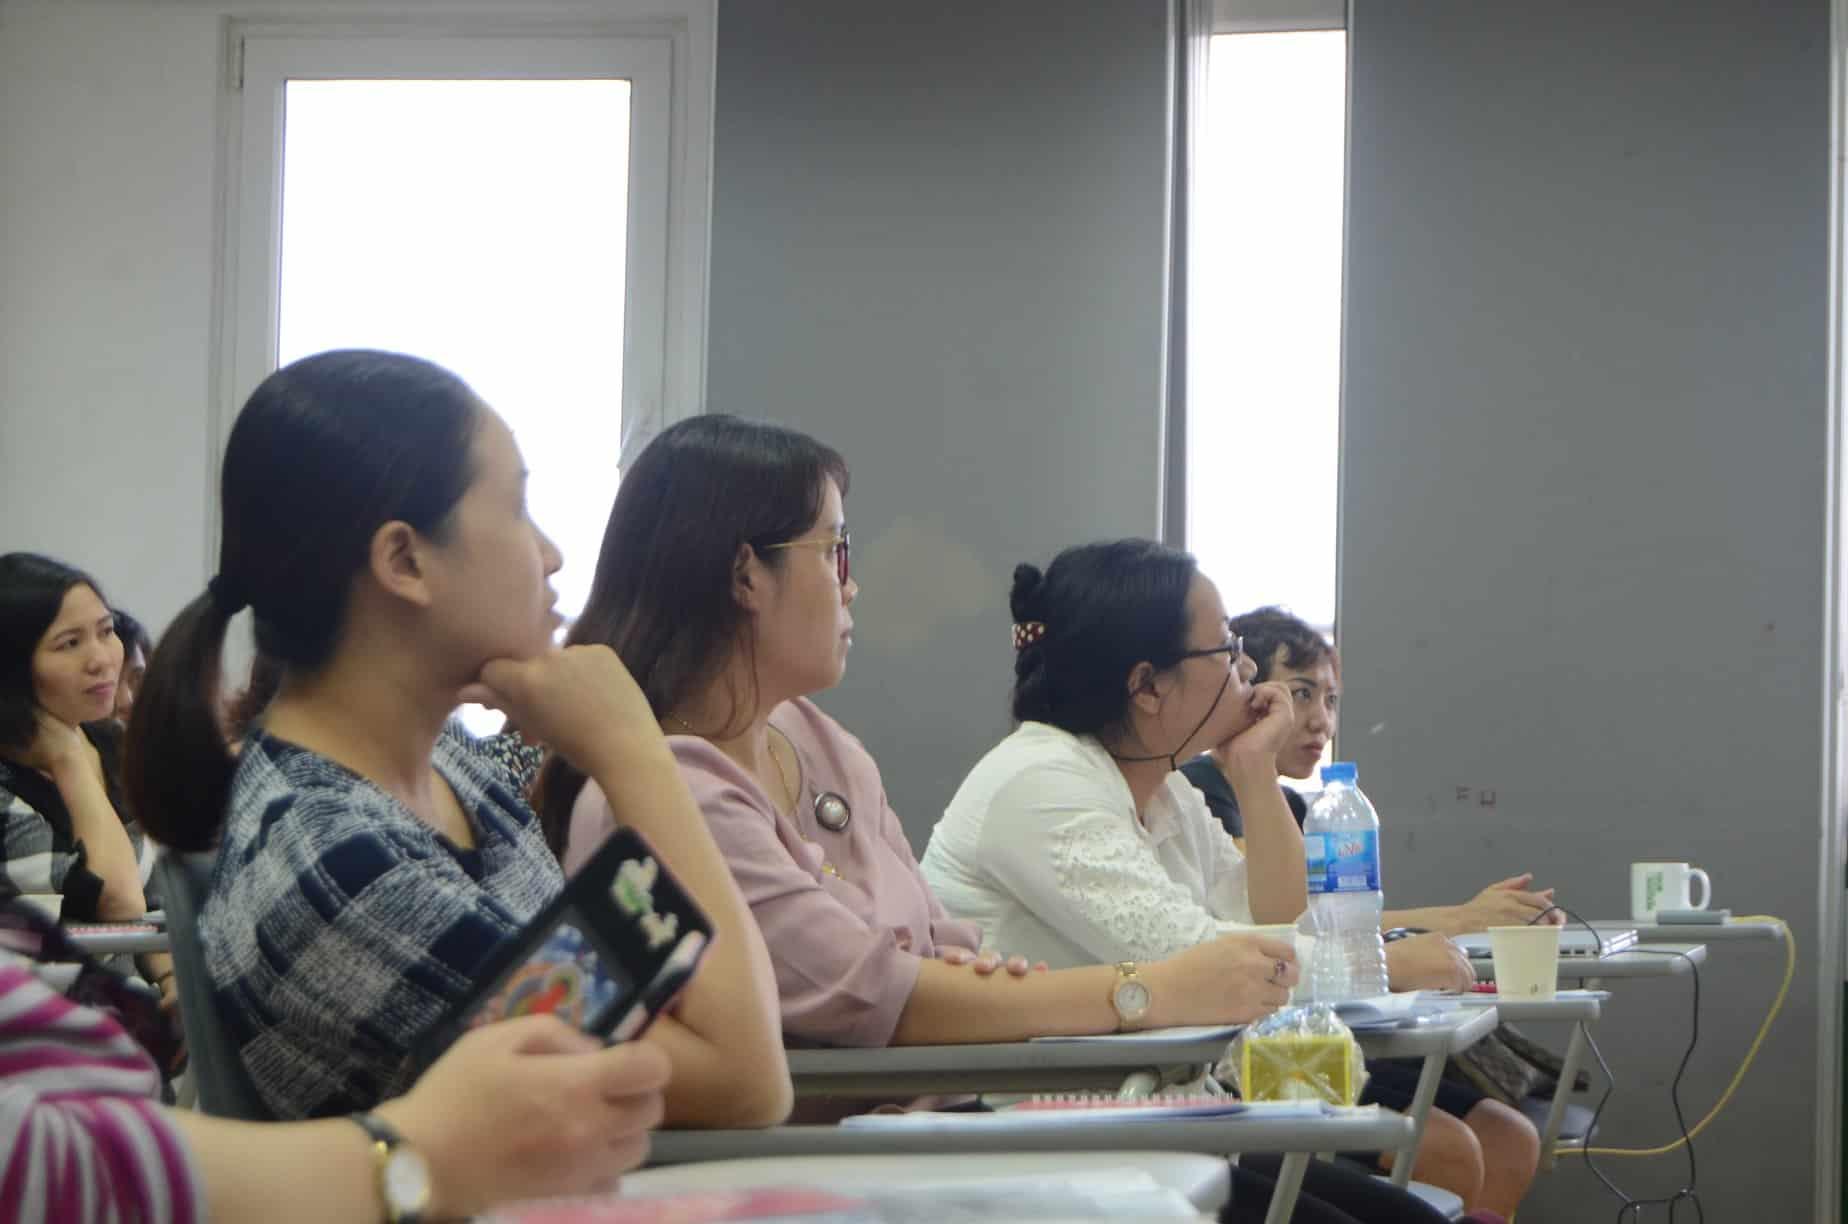 """Chùm ảnh Hội thảo giáo dục """"Cùng con chuẩn bị hành trang cho tương lai 4.0"""" tại Language Link Academic"""